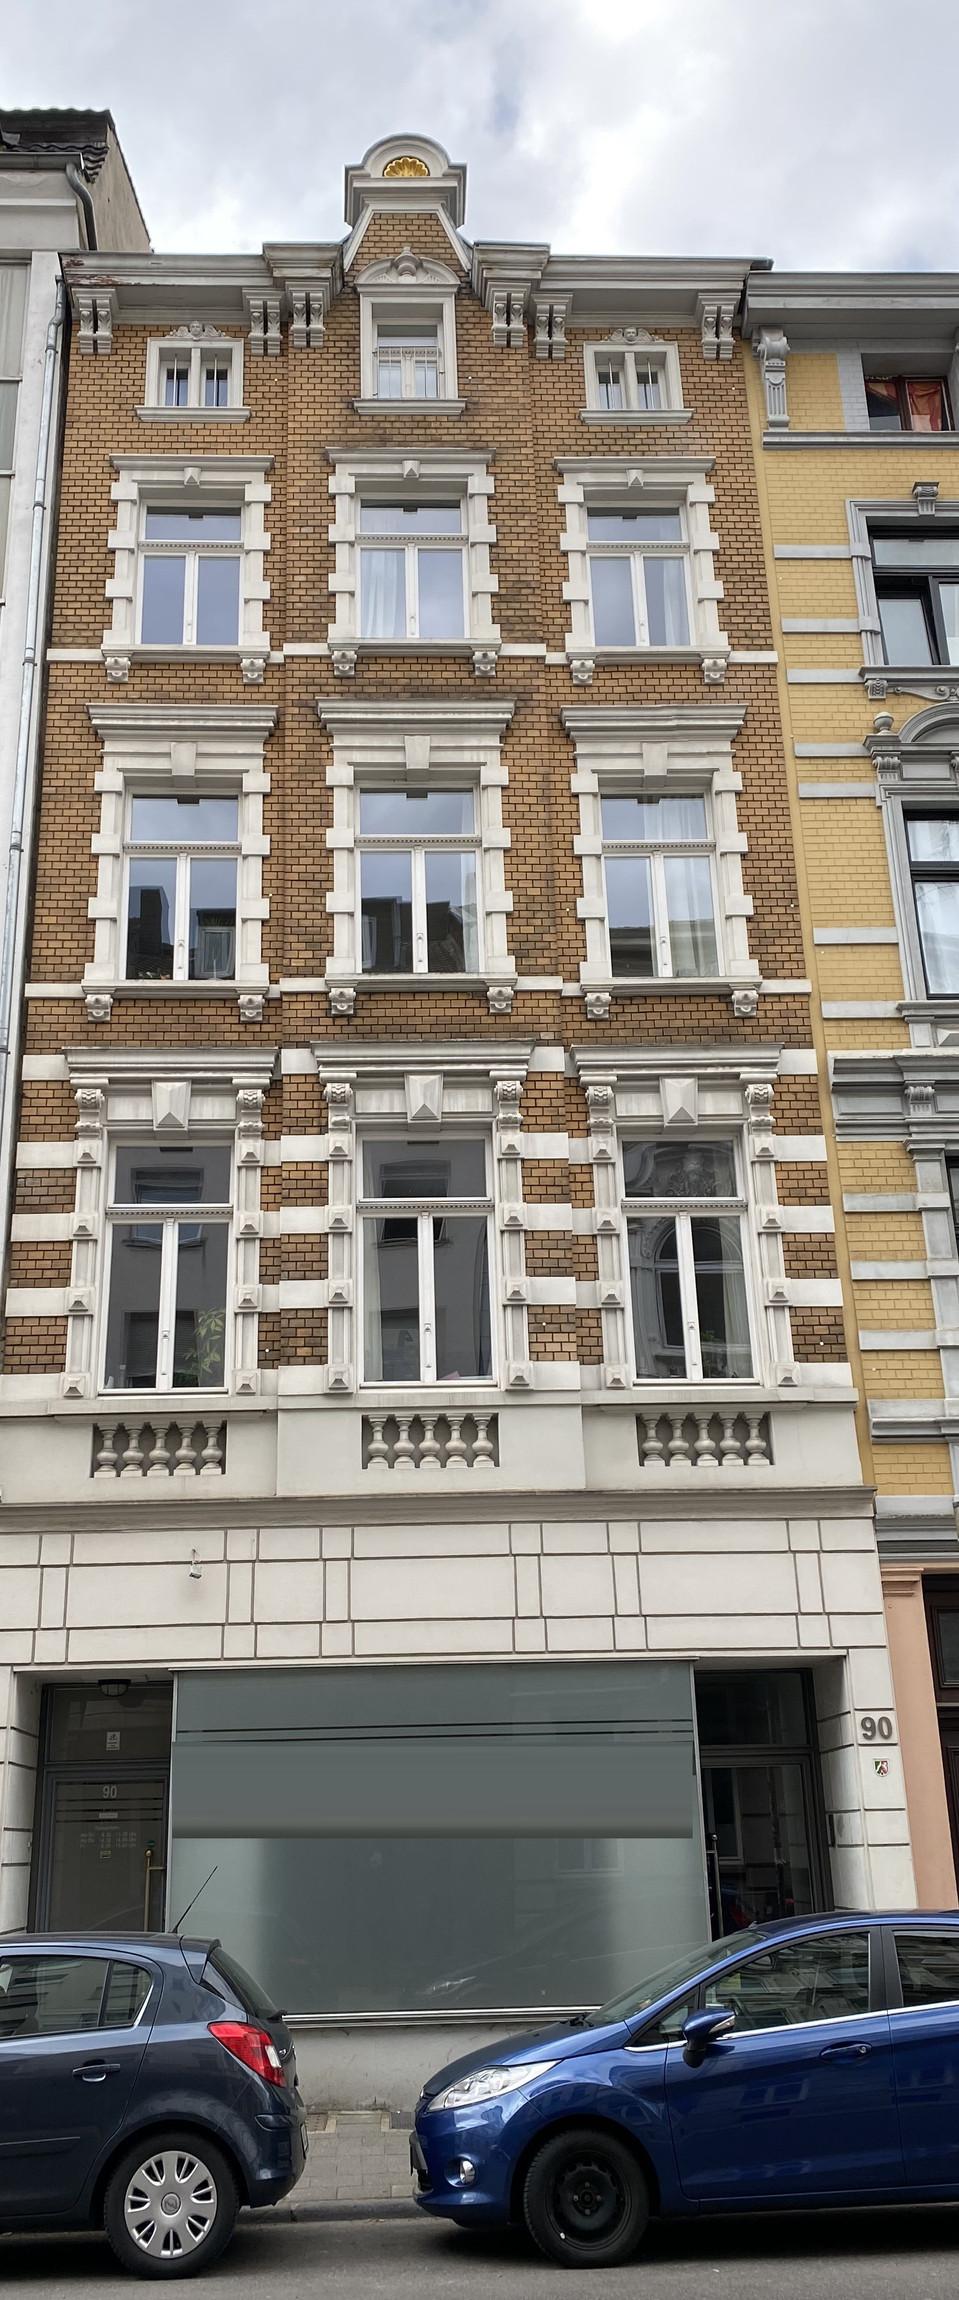 Attraktives 5-Parteien-Mehrfamilienhaus in zentraler Wohnlage I Frankenberger Viertel